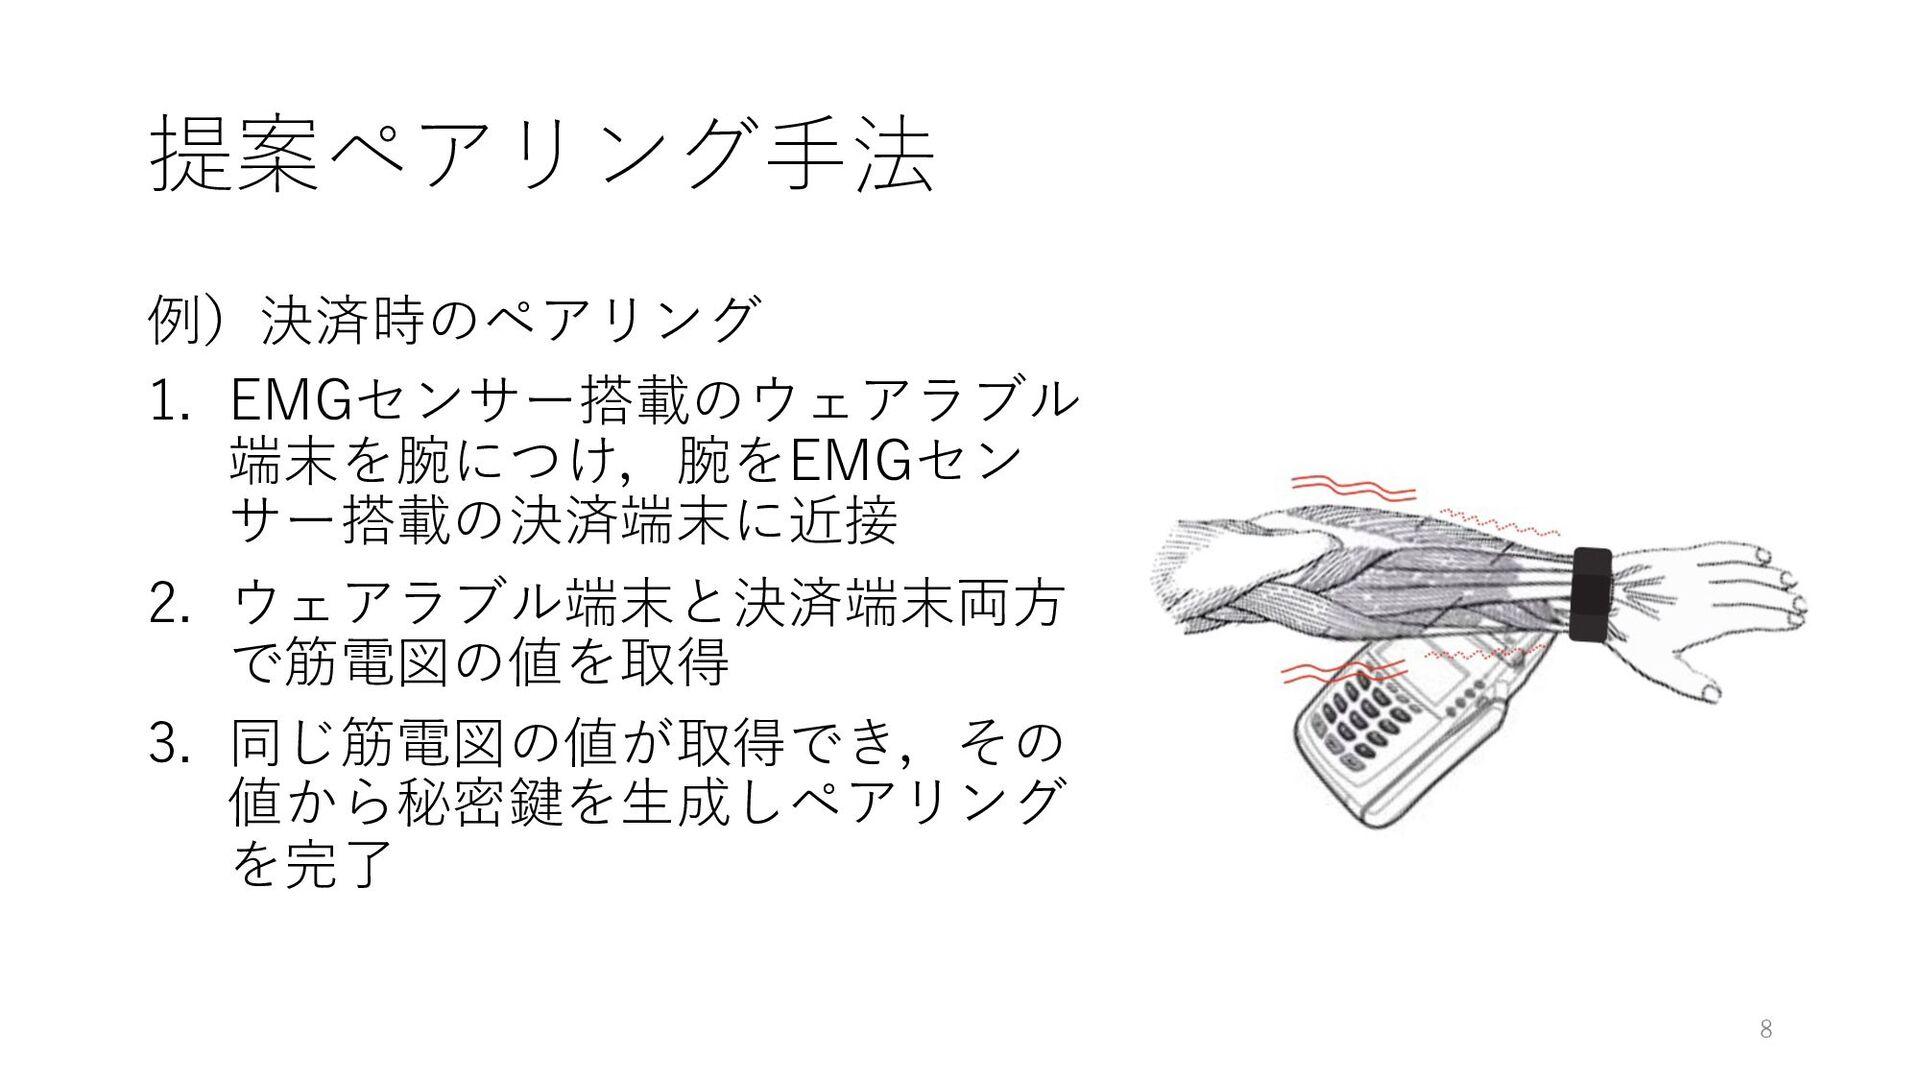 提案ペアリング⼿法 例)決済時のペアリング 1. EMGセンサー搭載のウェアラブル 端末を腕に...